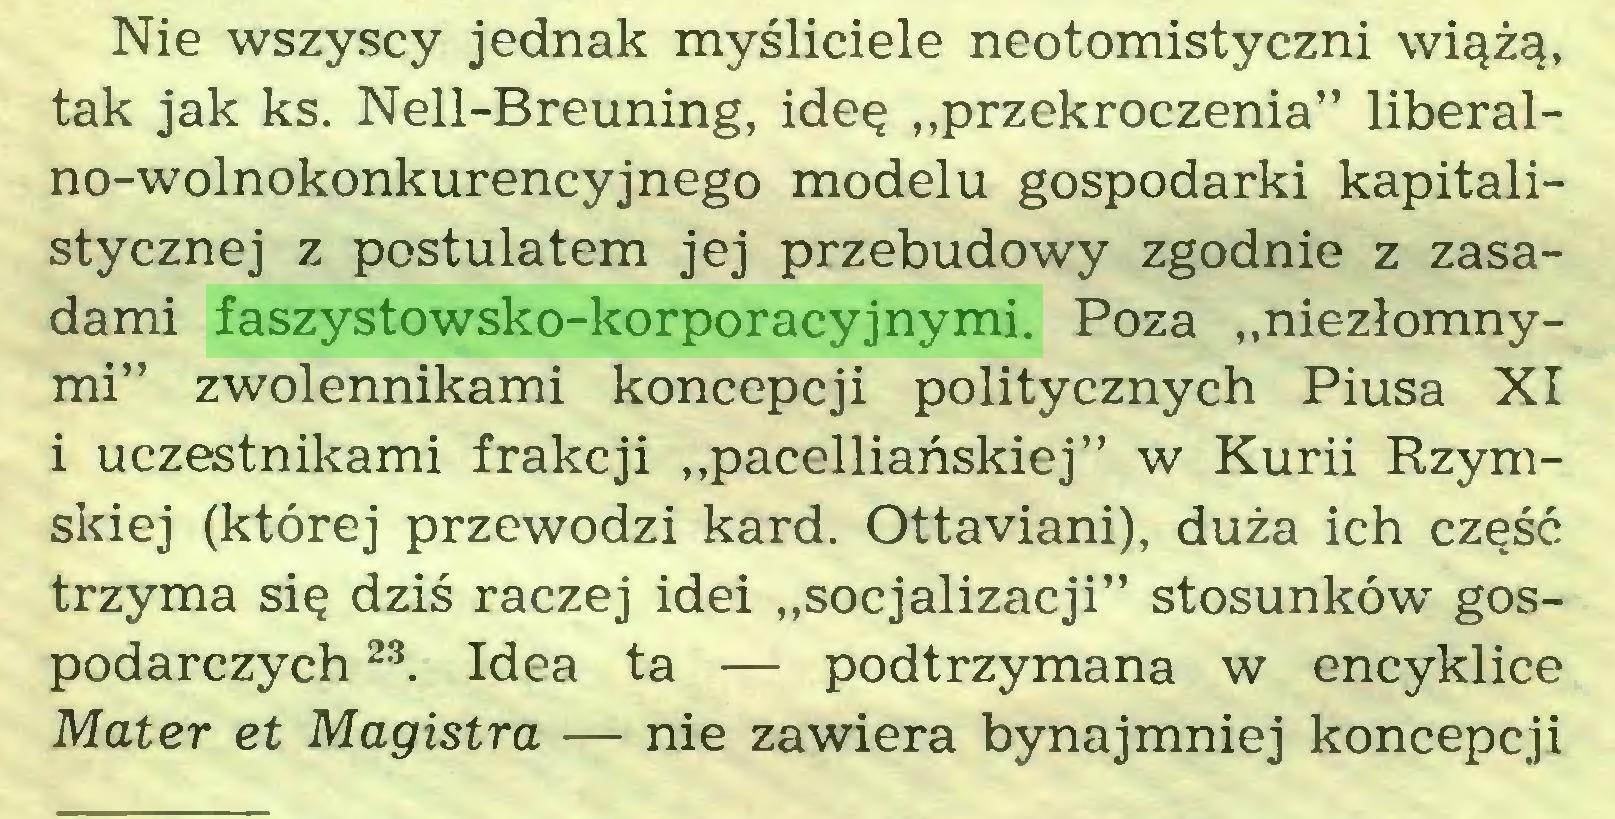 """(...) Nie wszyscy jednak myśliciele neotomistyczni wiążą, tak jak ks. Nell-Breuning, ideę """"przekroczenia"""" liberalno-wolnokonkurencyjnego modelu gospodarki kapitalistycznej z postulatem jej przebudowy zgodnie z zasadami faszystowsko-korporacyjnymi. Poza """"niezłomnymi"""" zwolennikami koncepcji politycznych Piusa XI i uczestnikami frakcji """"pacelliańskiej"""" w Kurii Rzymskiej (której przewodzi kard. Ottaviani), duża ich część trzyma się dziś raczej idei """"socjalizacji"""" stosunków gospodarczych 23. Idea ta — podtrzymana w encyklice Mater et Magistra — nie zawiera bynajmniej koncepcji..."""